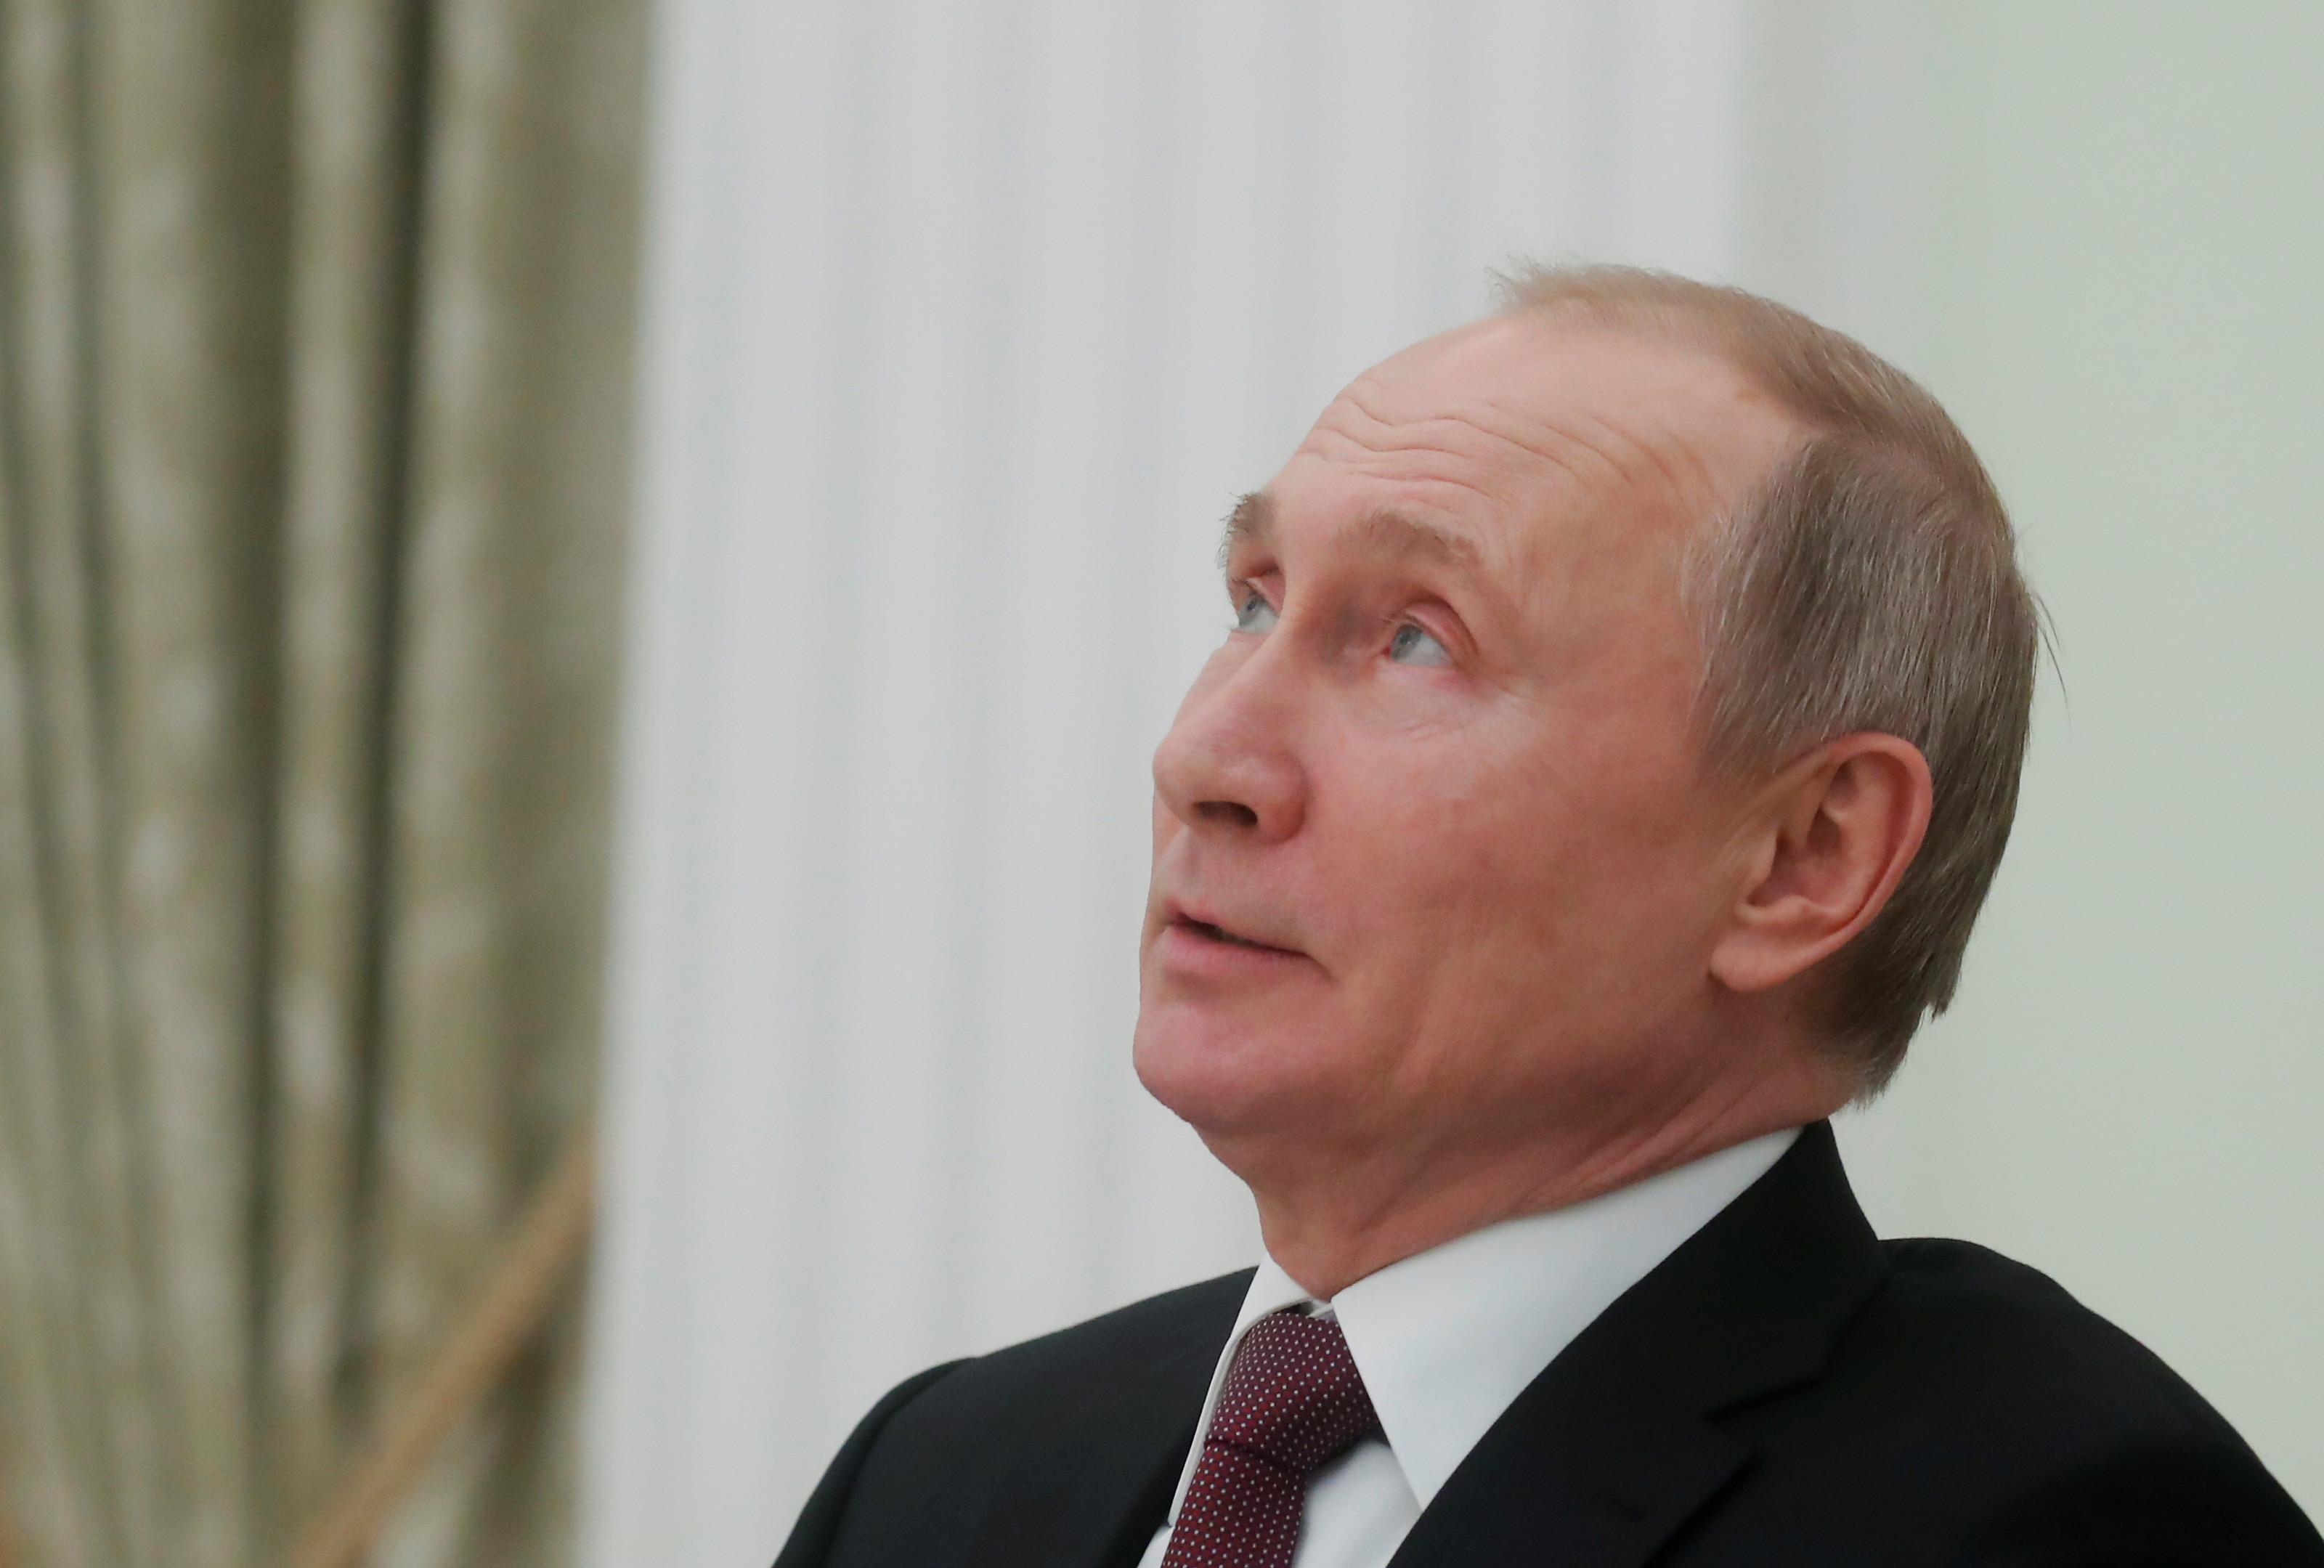 Поправки в Конституцию поддерживают более 80% россиян